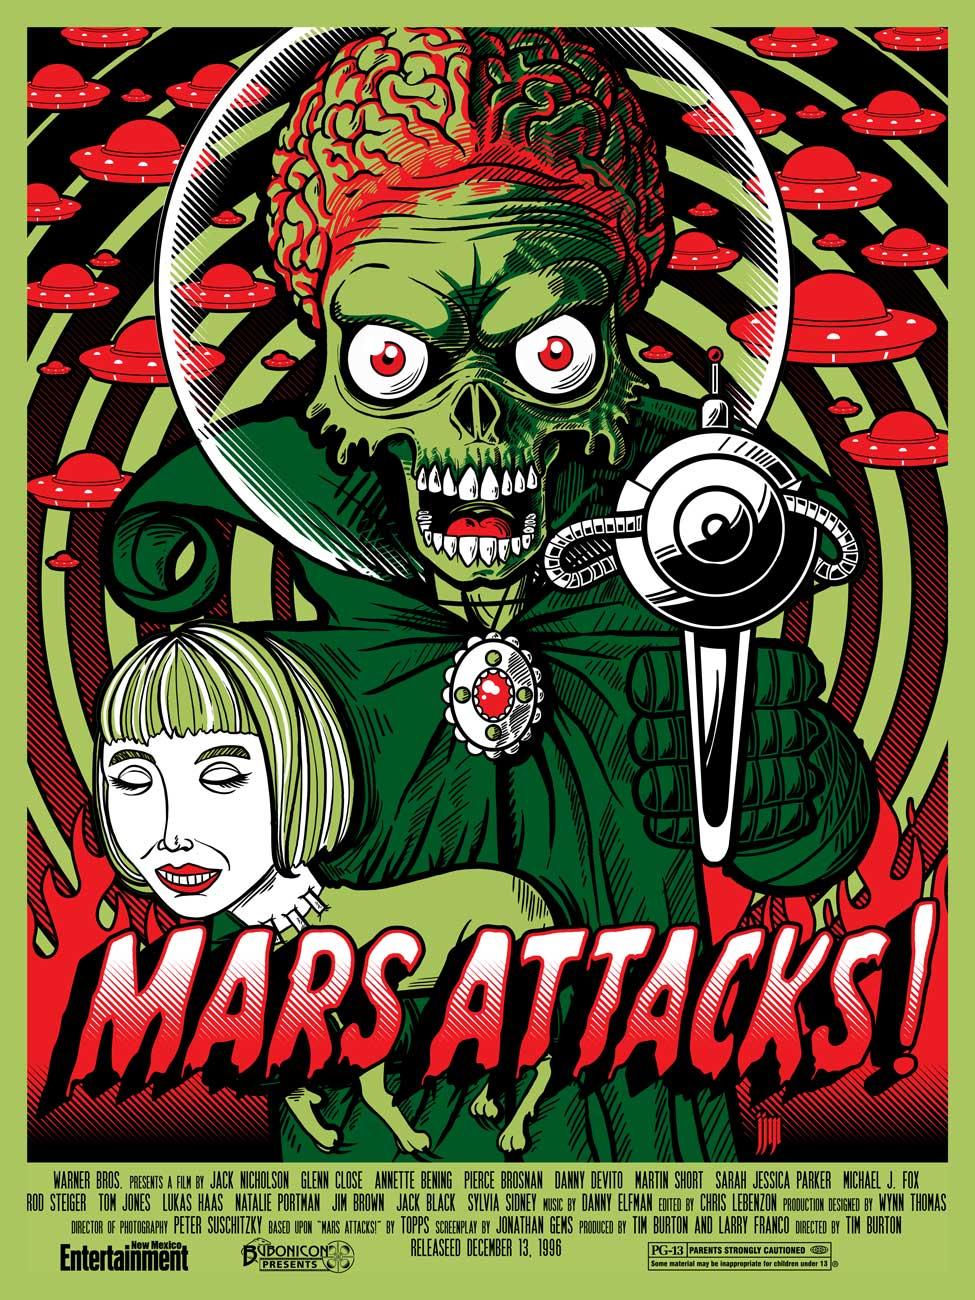 Mars_Attacks_Poster.jpg